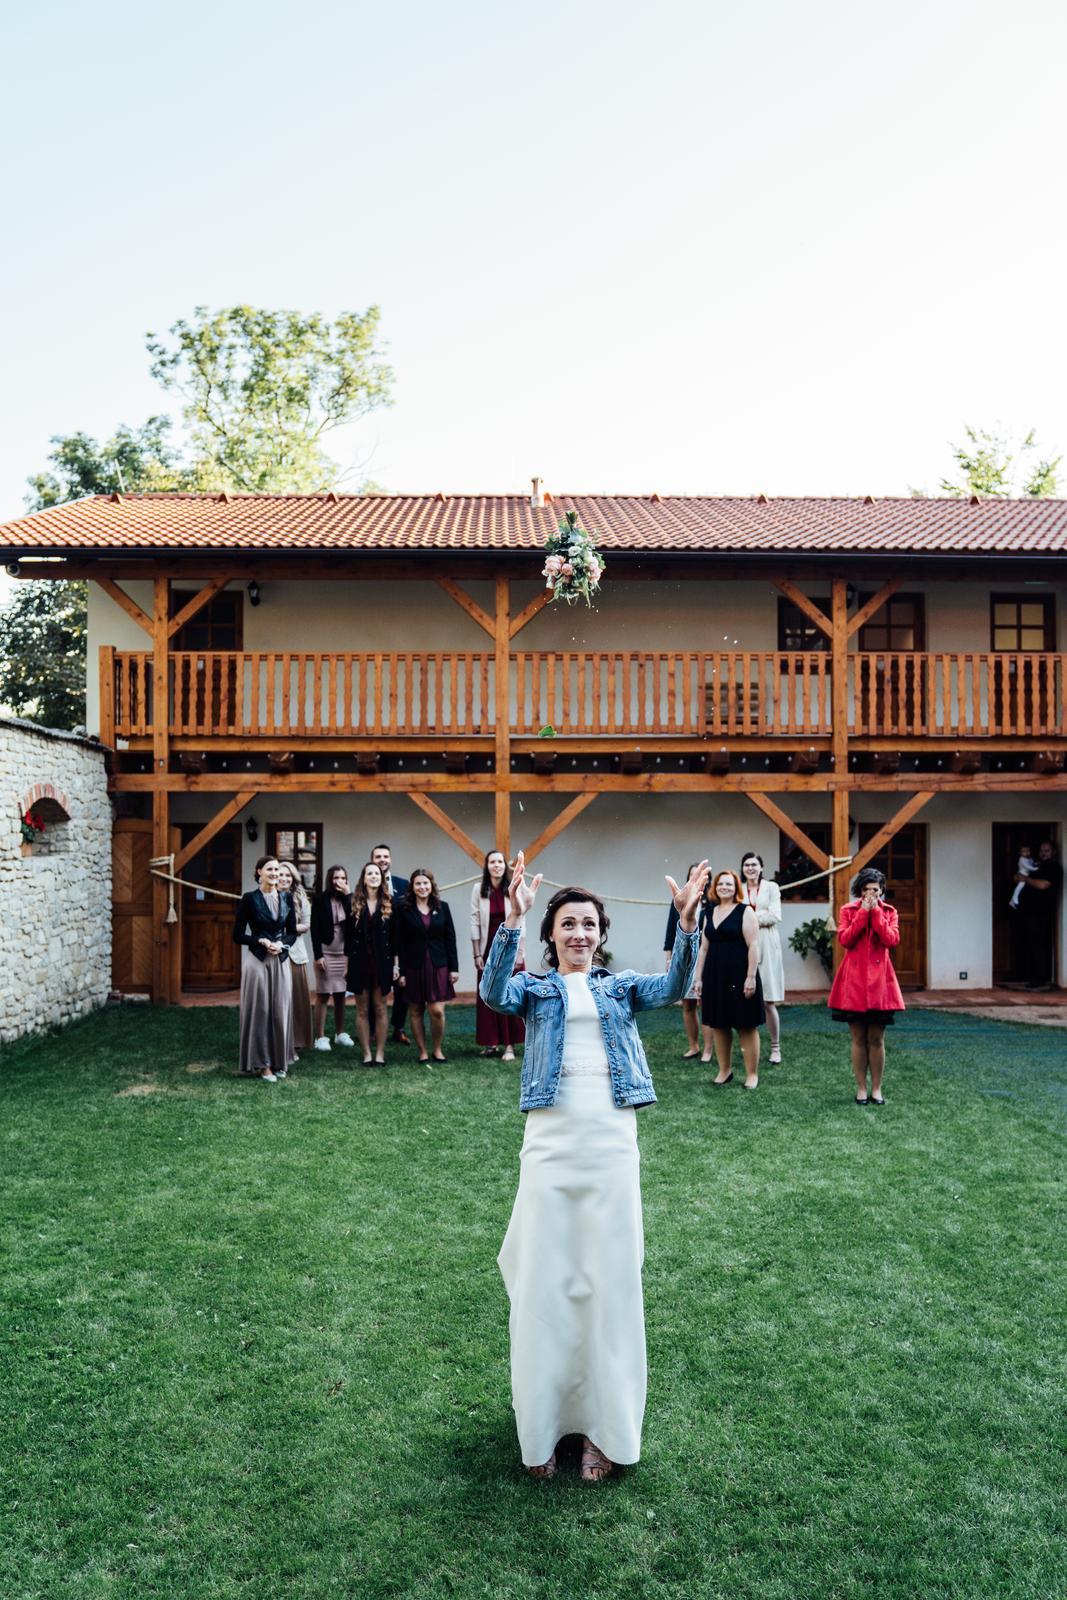 Kateřina & Tomáš (Podzimní svatba 2019) - Obrázek č. 25